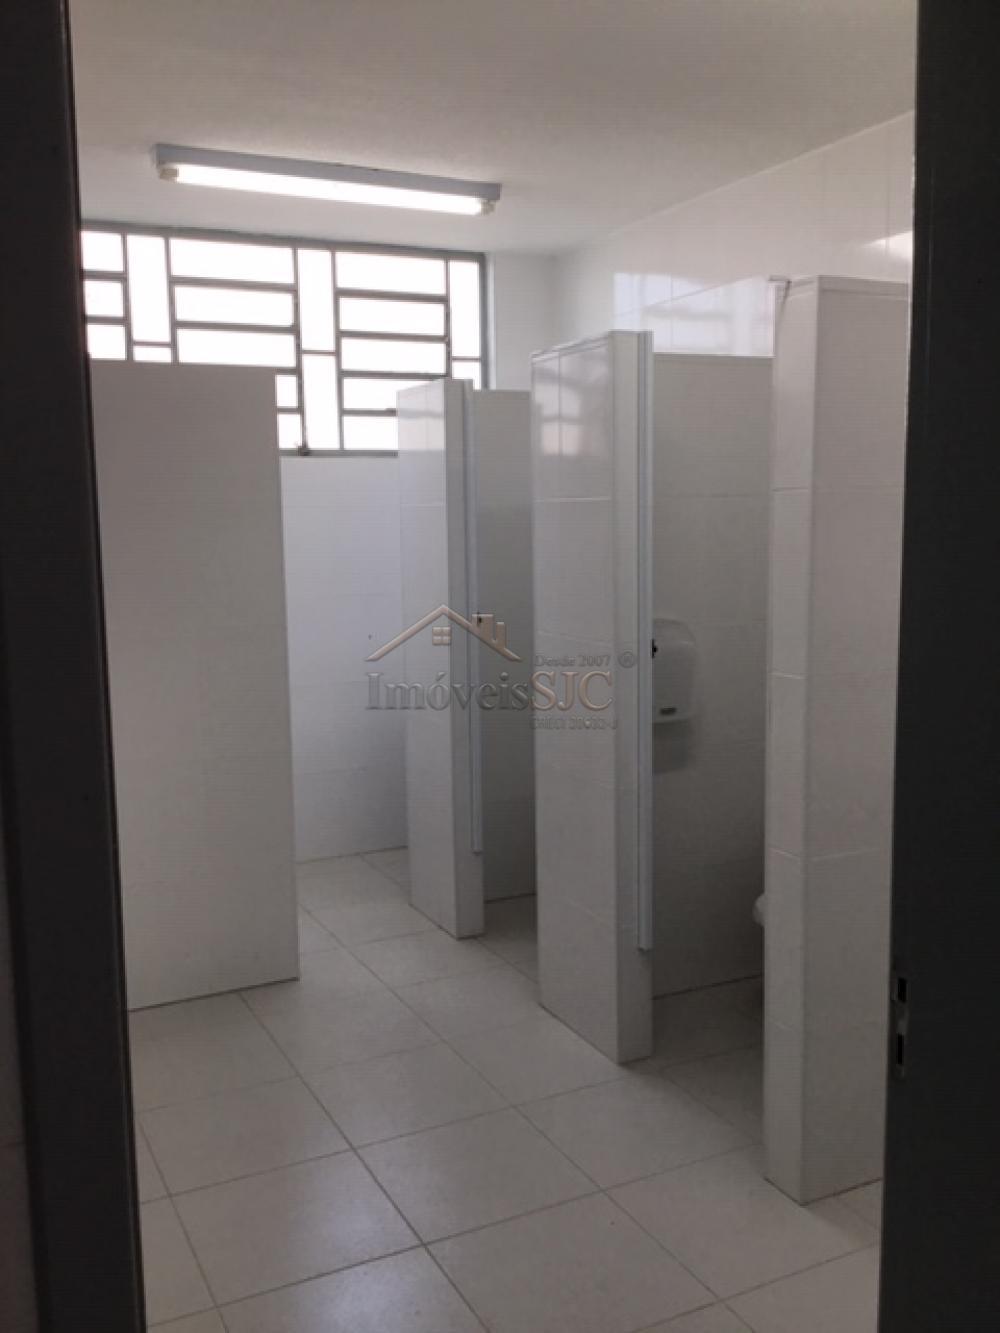 Alugar Comerciais / Galpão Condomínio em Jacareí apenas R$ 32.000,00 - Foto 13